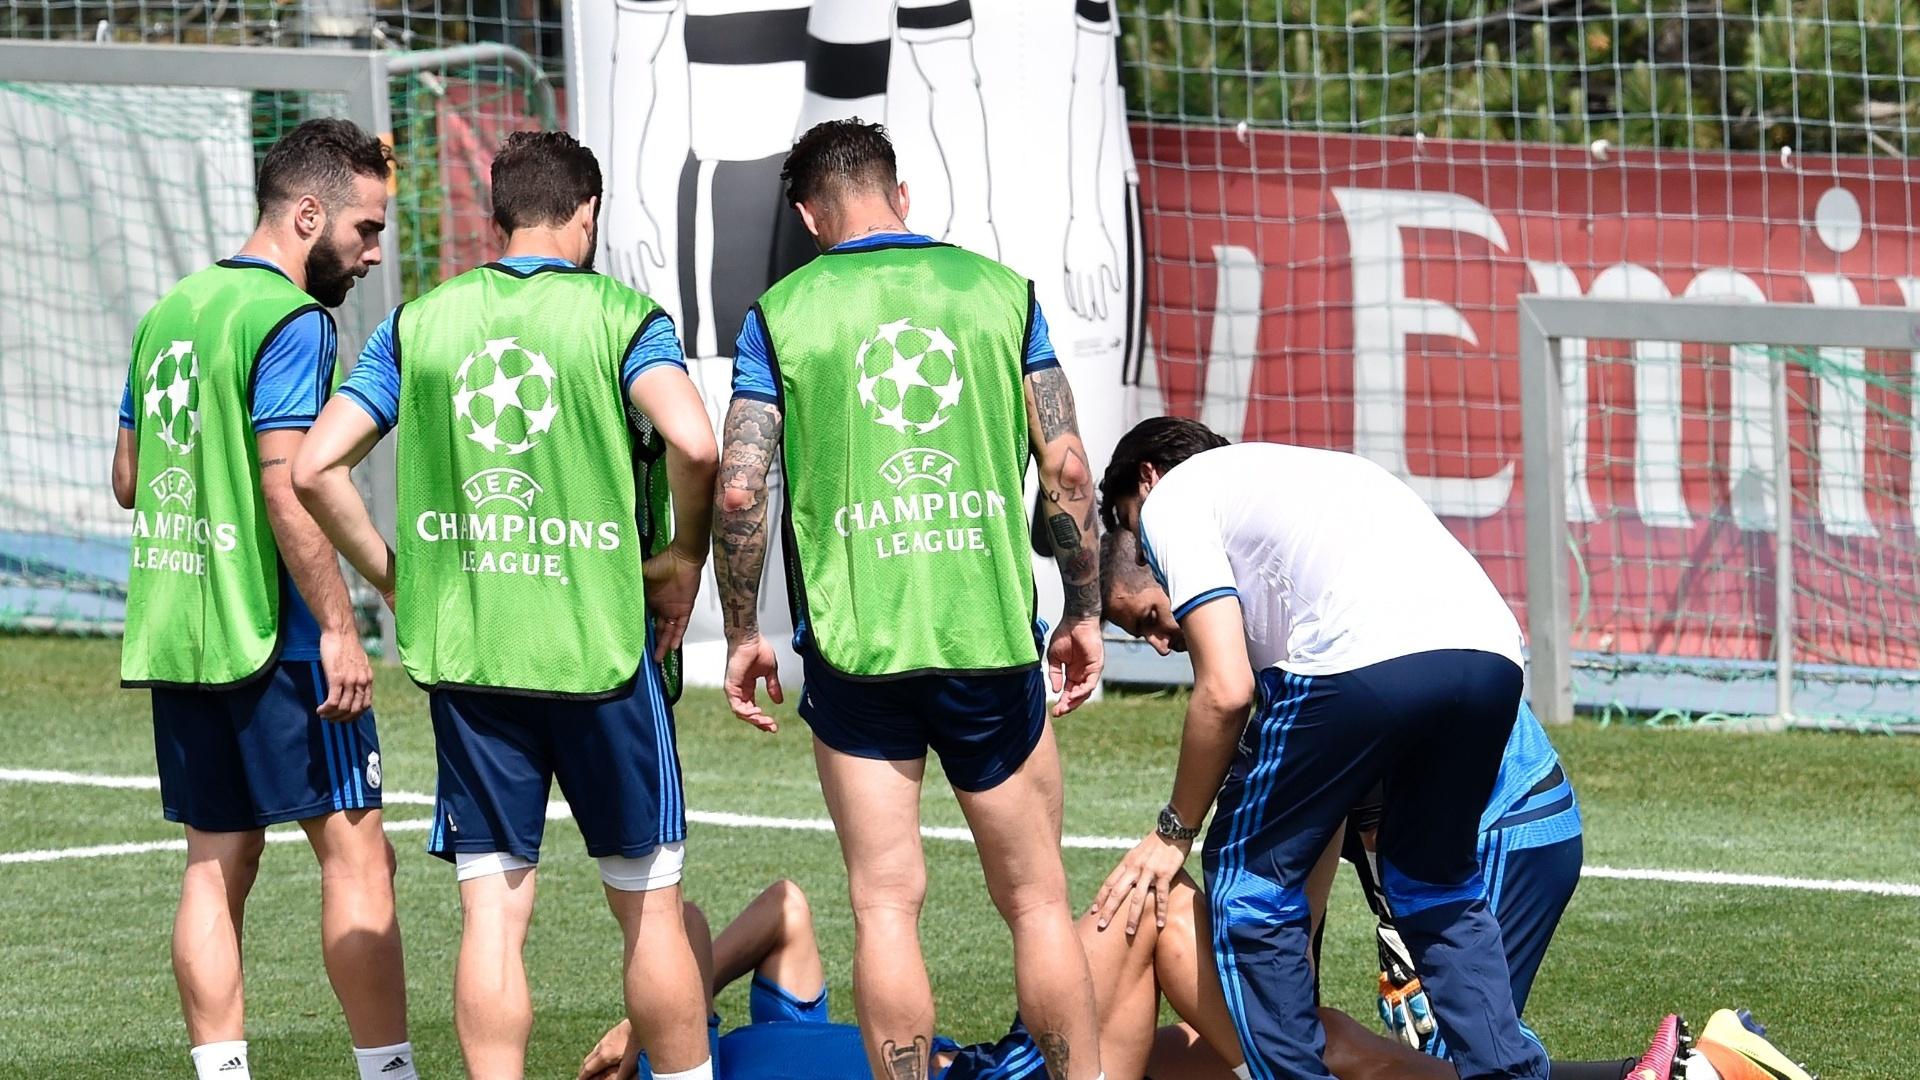 Cristiano Ronaldo sente dores após pancada em treino do Real Madrid para a final da Liga dos Campeões da Europa